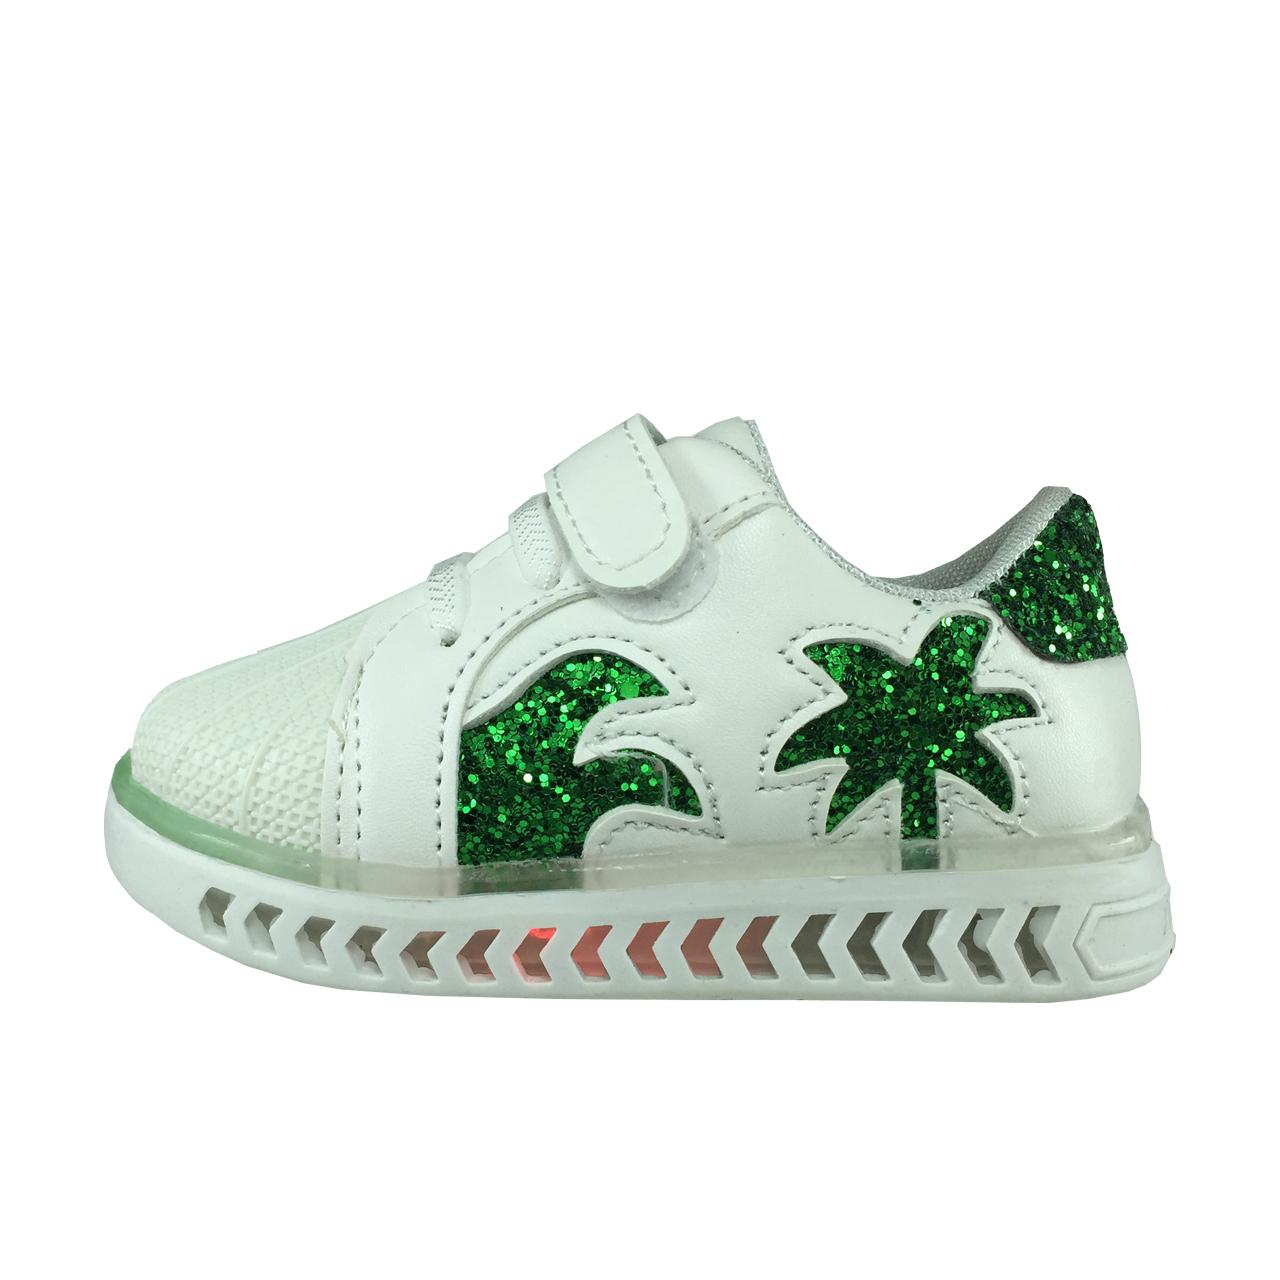 کفش نوزادی پا.ریس.جامه مدل چراغدار B459 رنگ سفید سبز